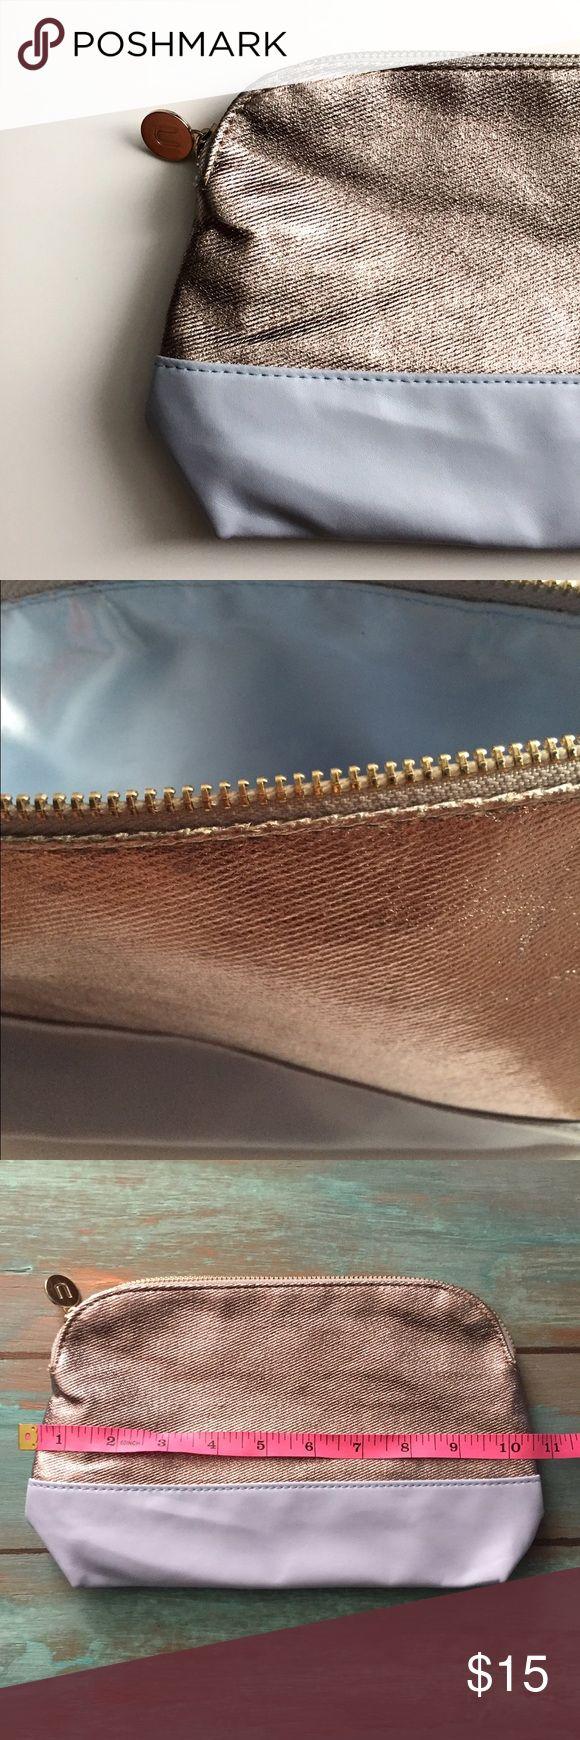 Ulta Makeup Bag Preloved Ulta Makeup Bag. Good condition Sephora Makeup Brushes & Tools